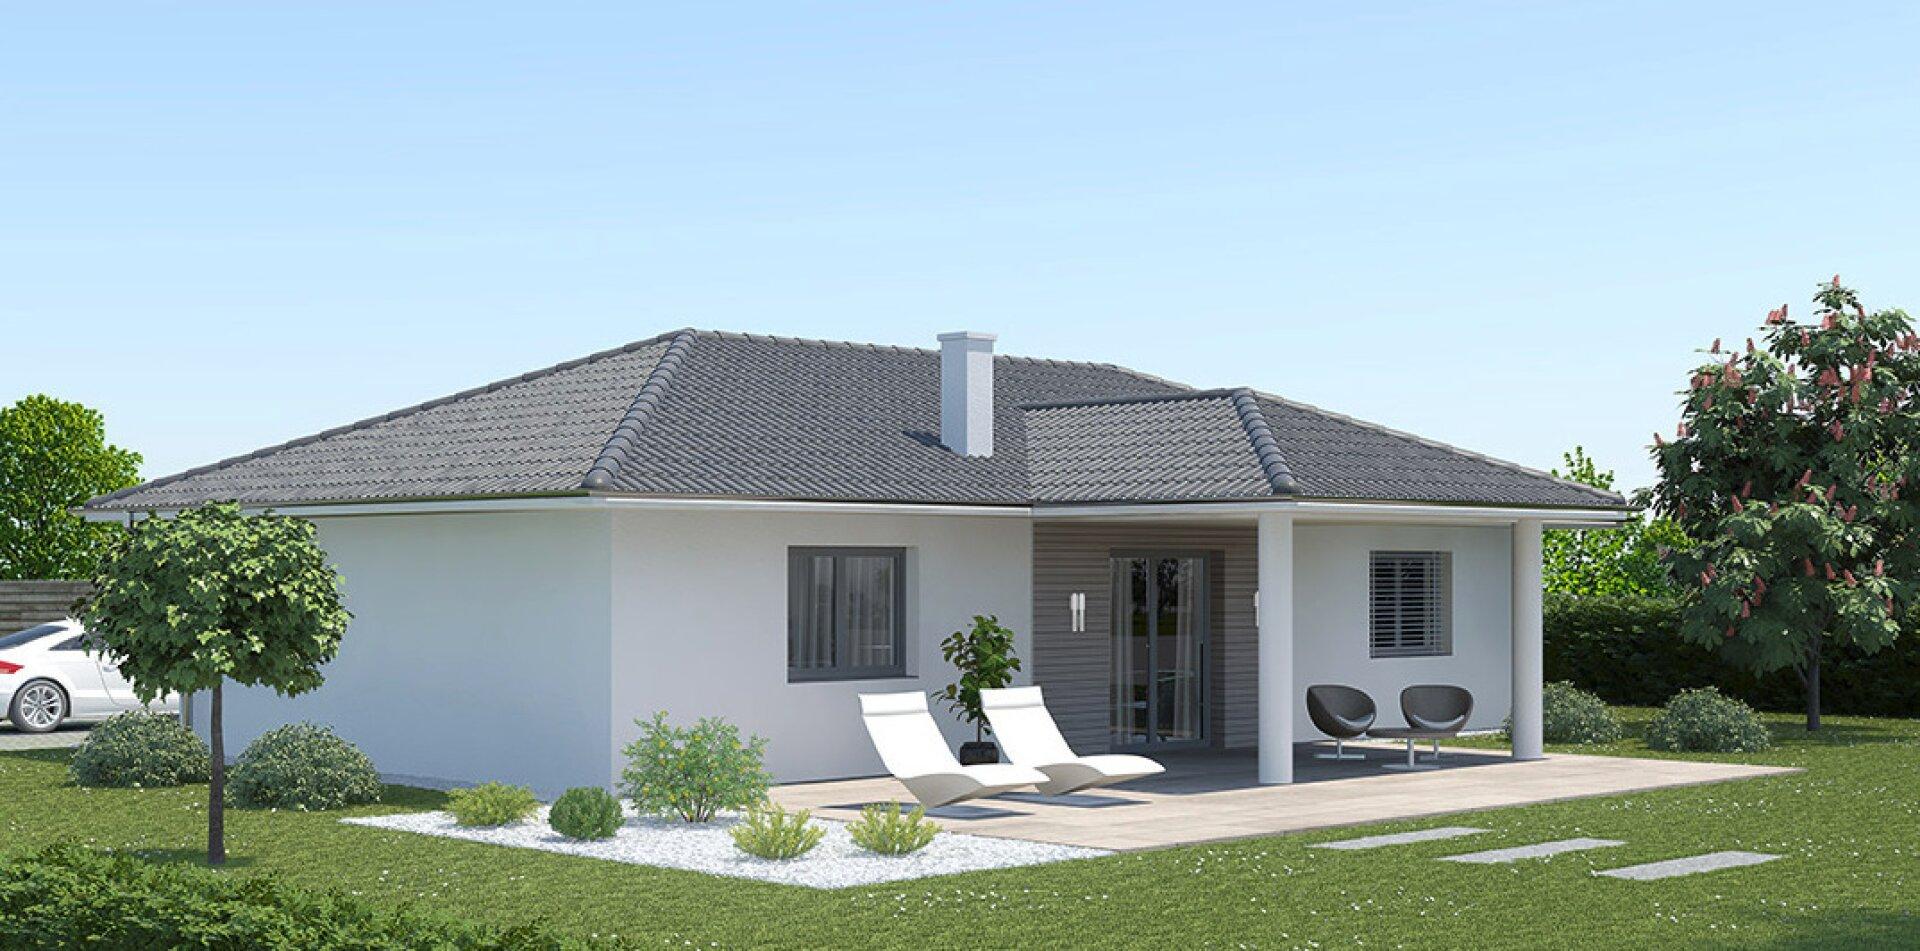 Wohnfläche 80 m²